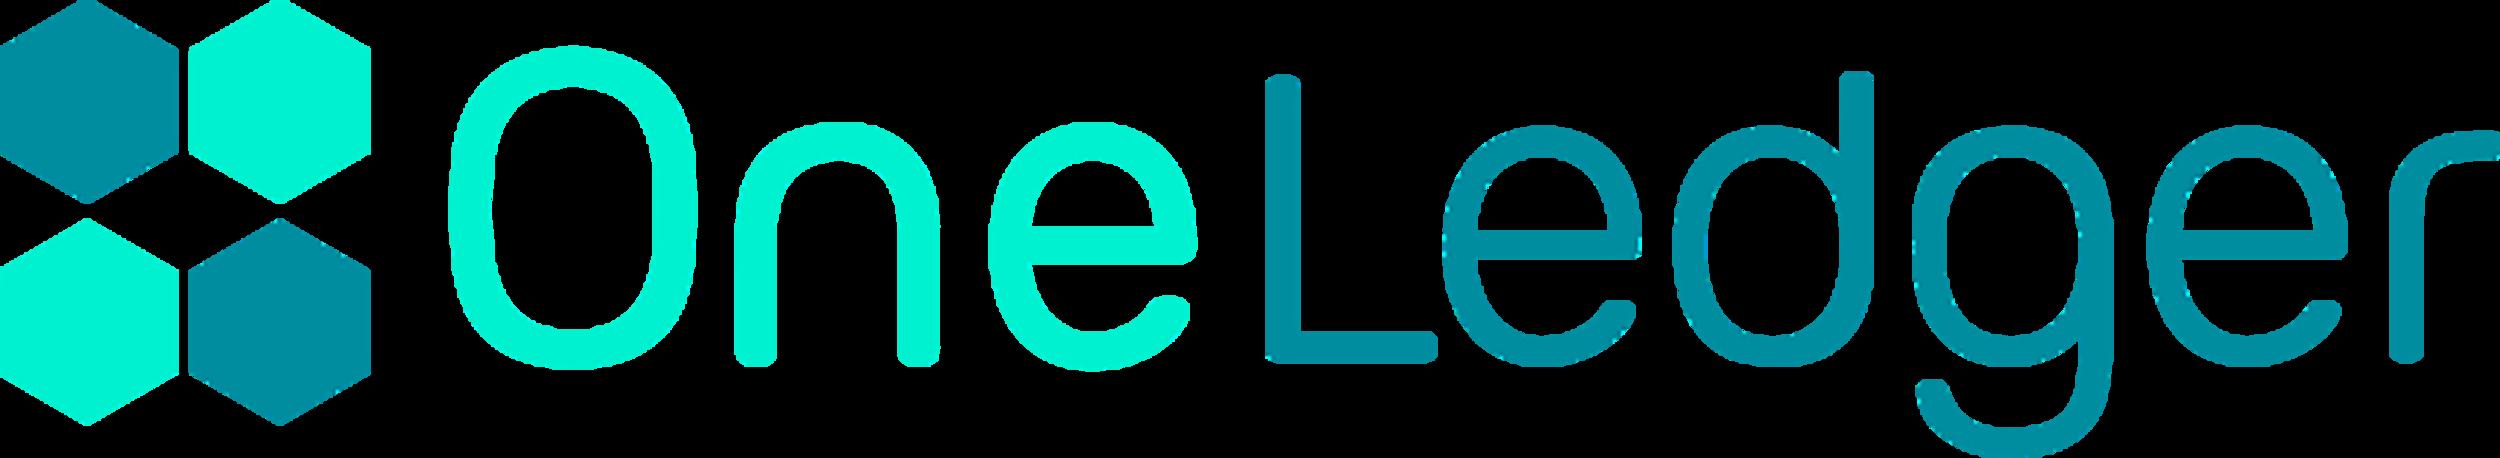 oneledger logo_200x.png